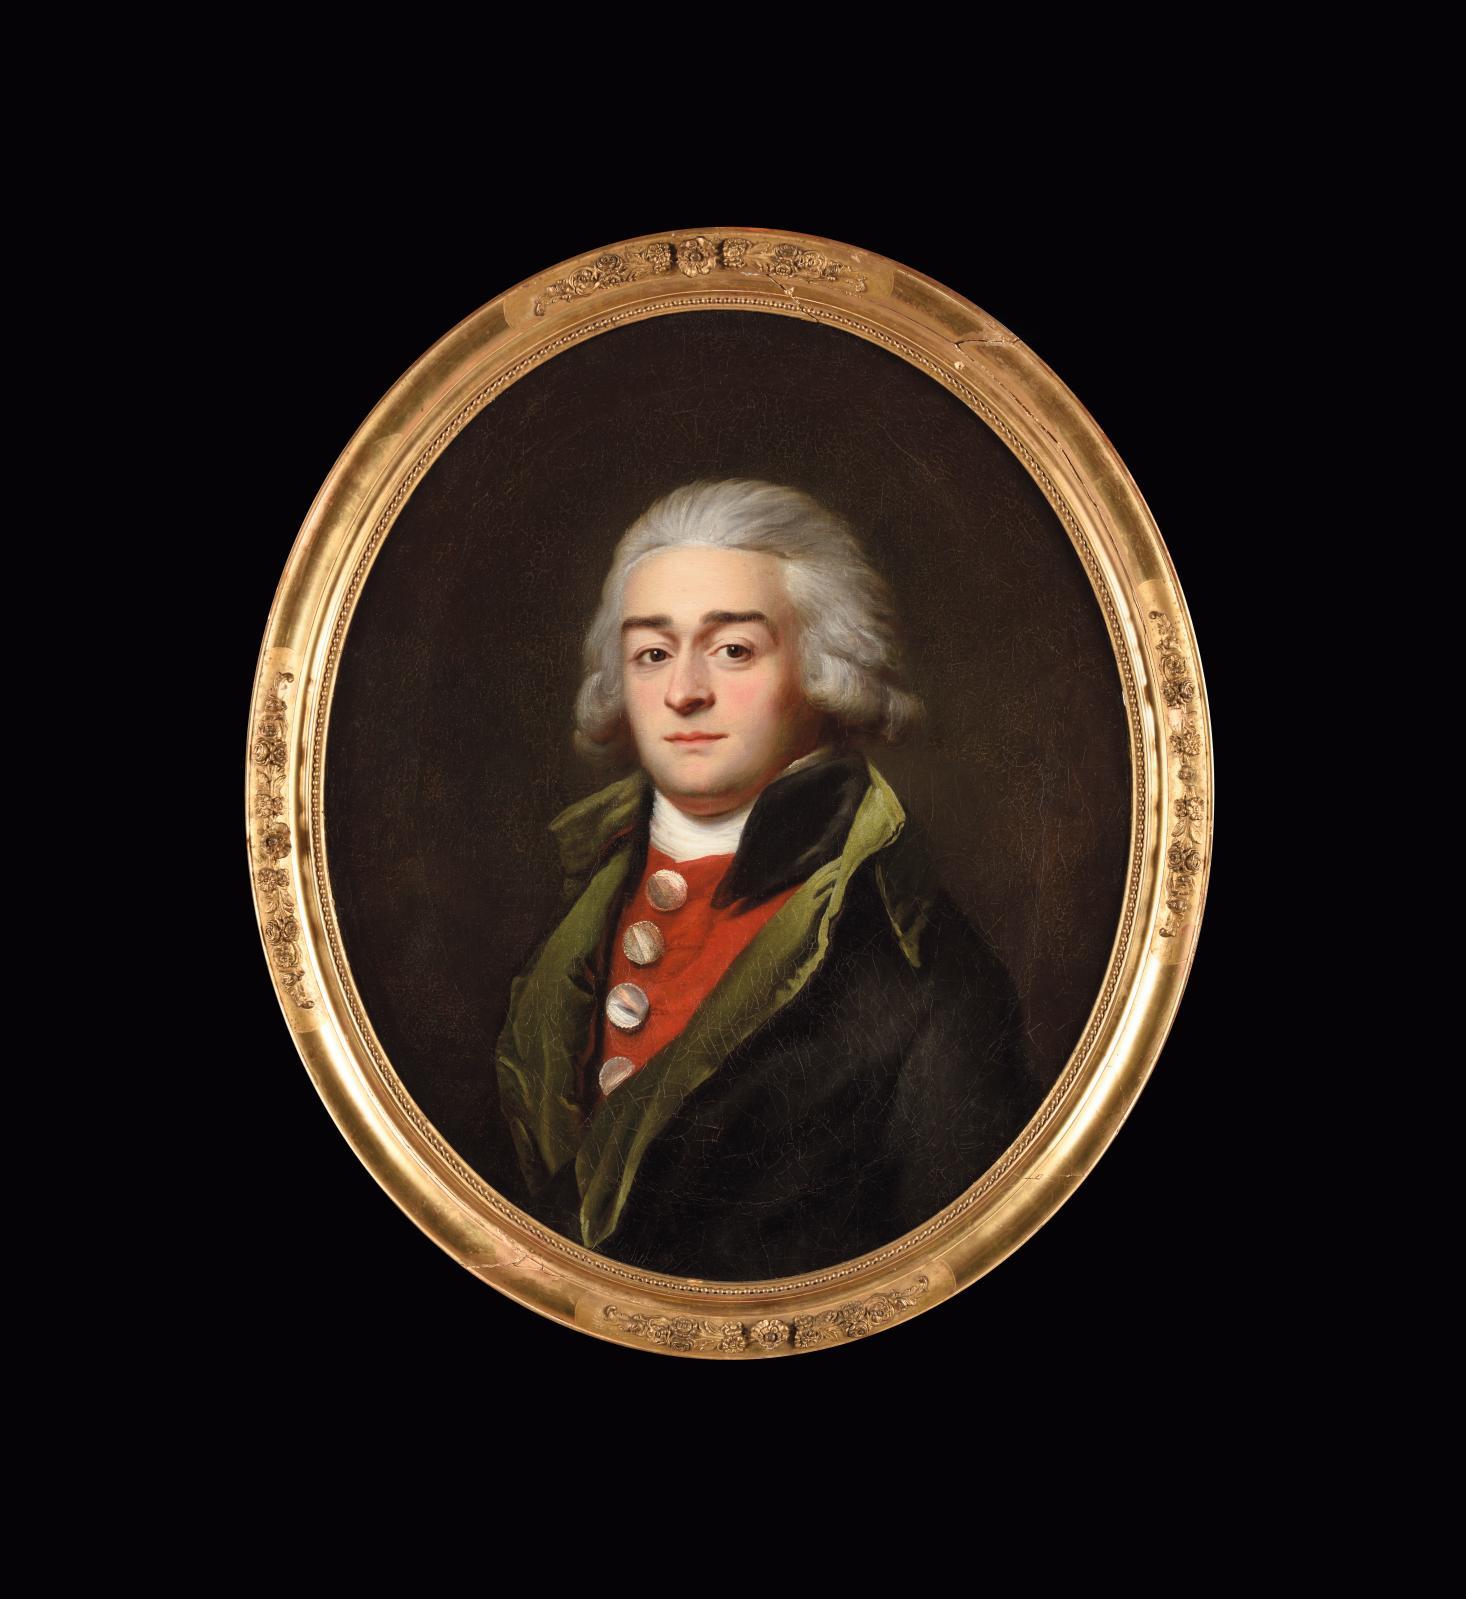 Adélaïde Labille-Guiard (1749-1803), Portrait présumé de Marie-Jean Hérault deSéchelles(1759-1794), huile sur toile ovale, 65x54cm. F